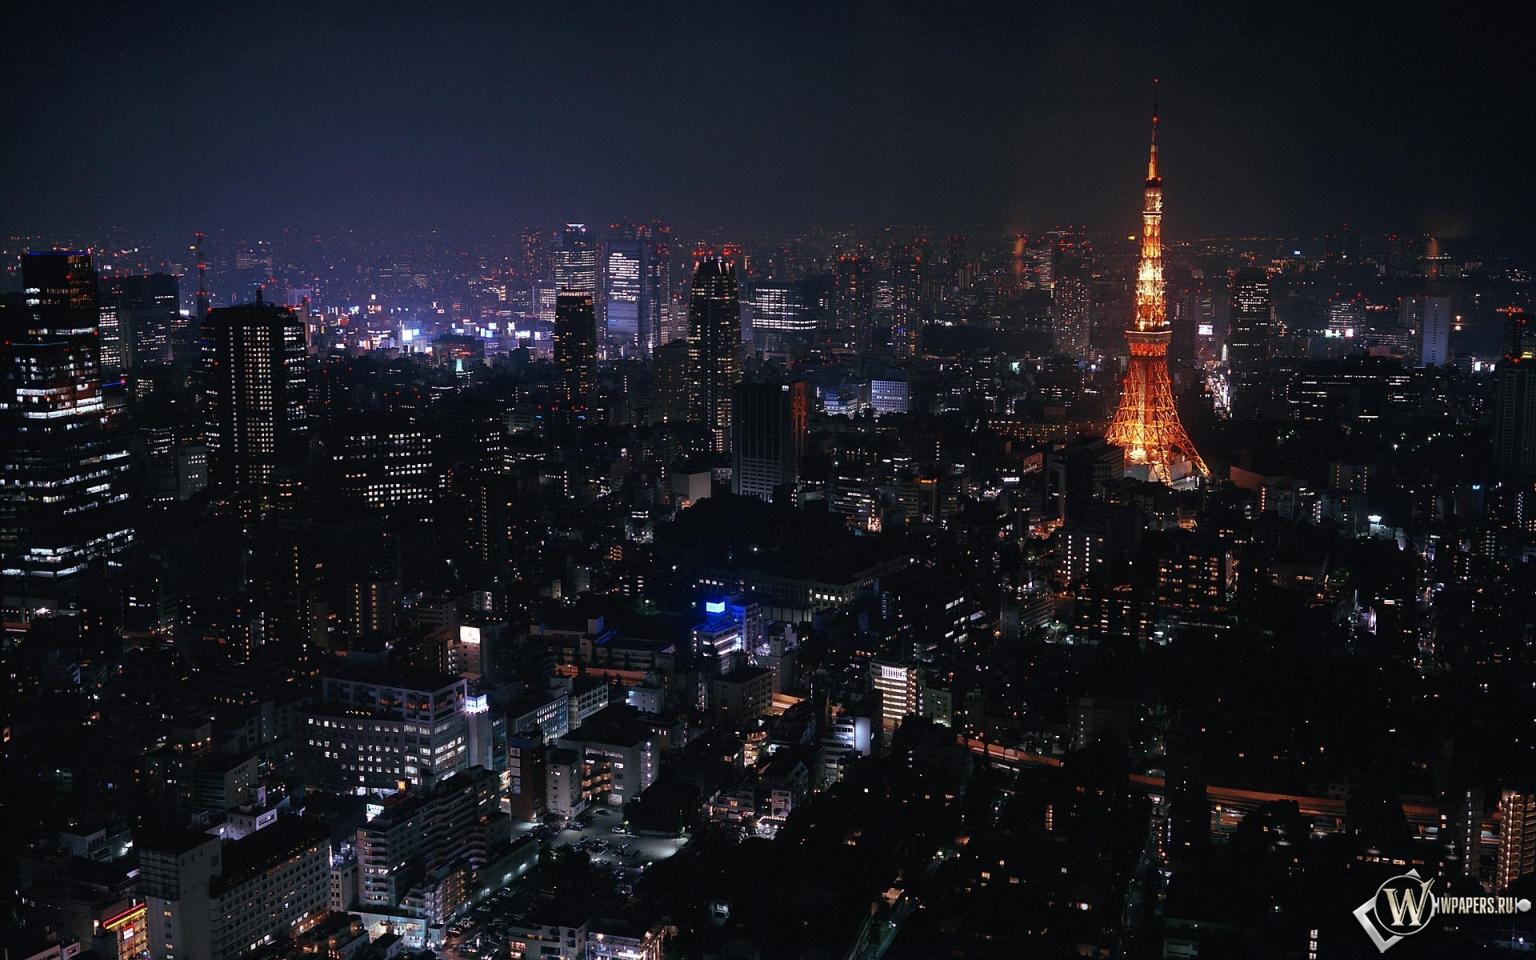 Токио ночью 1536x960